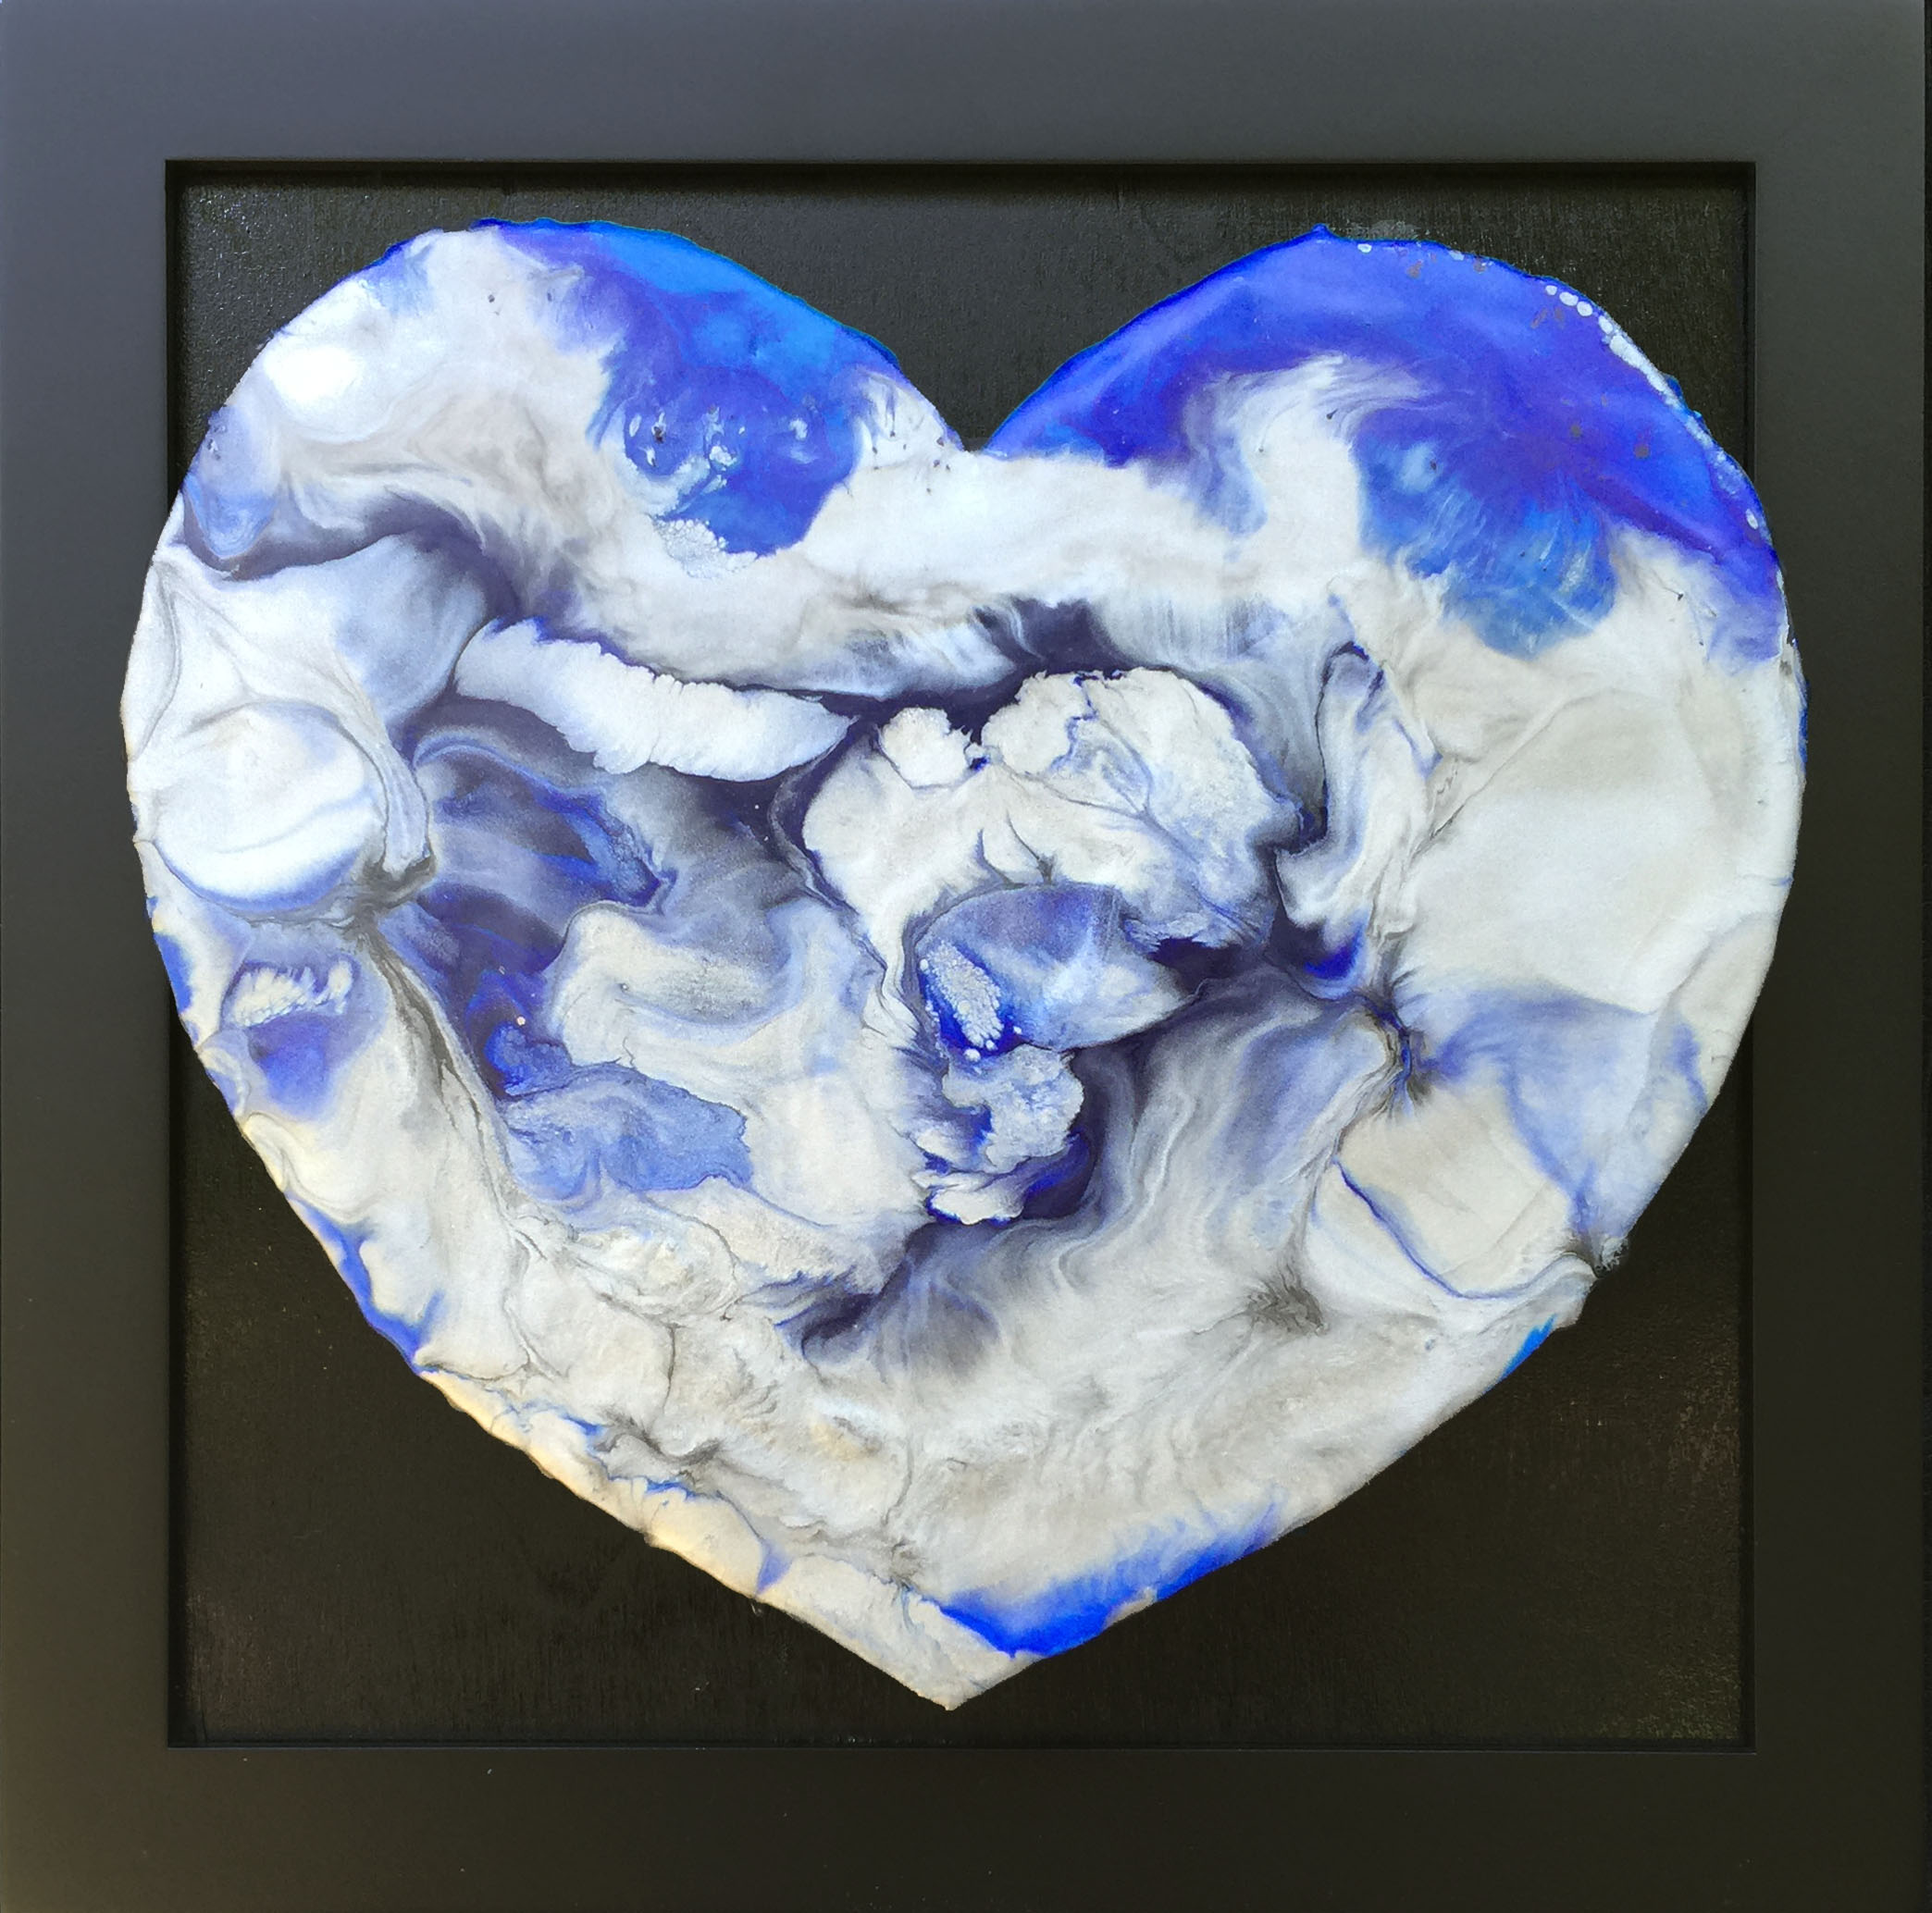 Heart22.jpg